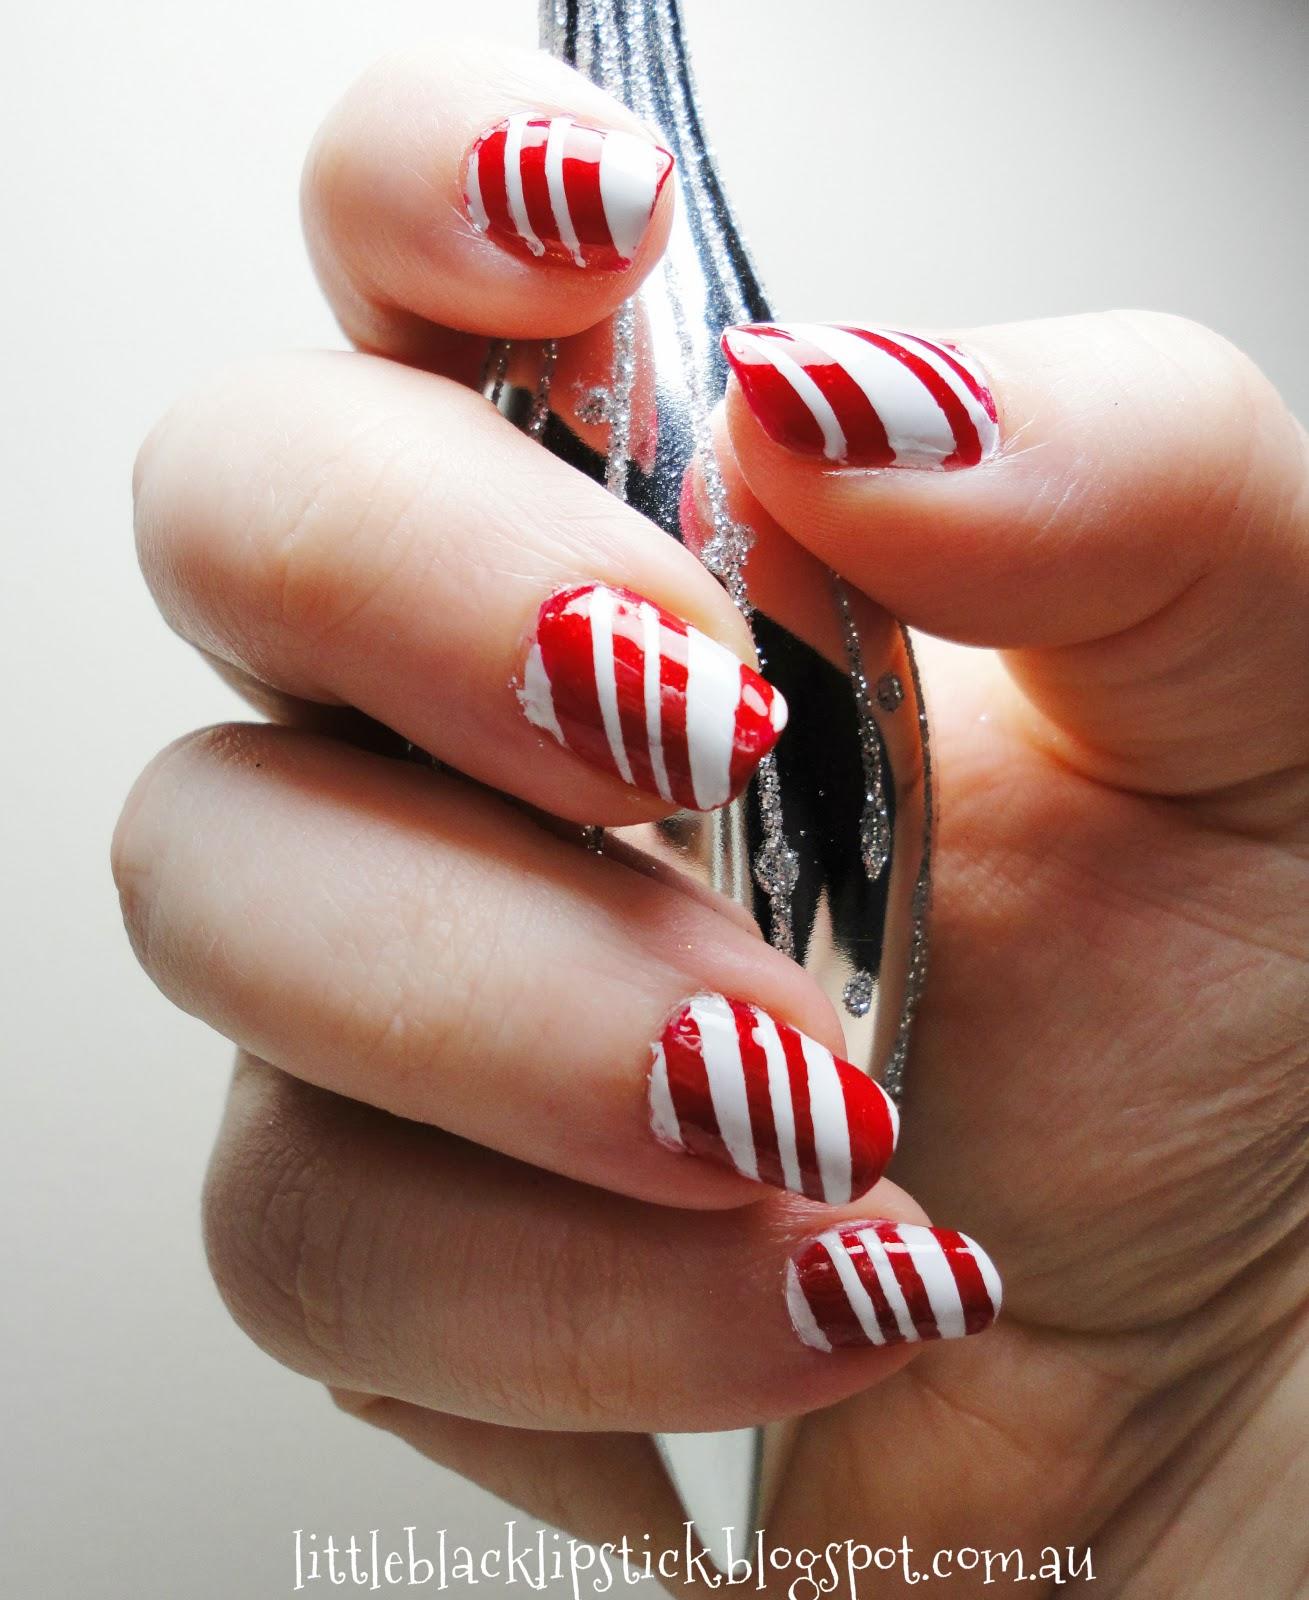 Easy Christmas Nail Art: Little Black Lipstick: Easy Candy Cane Christmas Nail Art